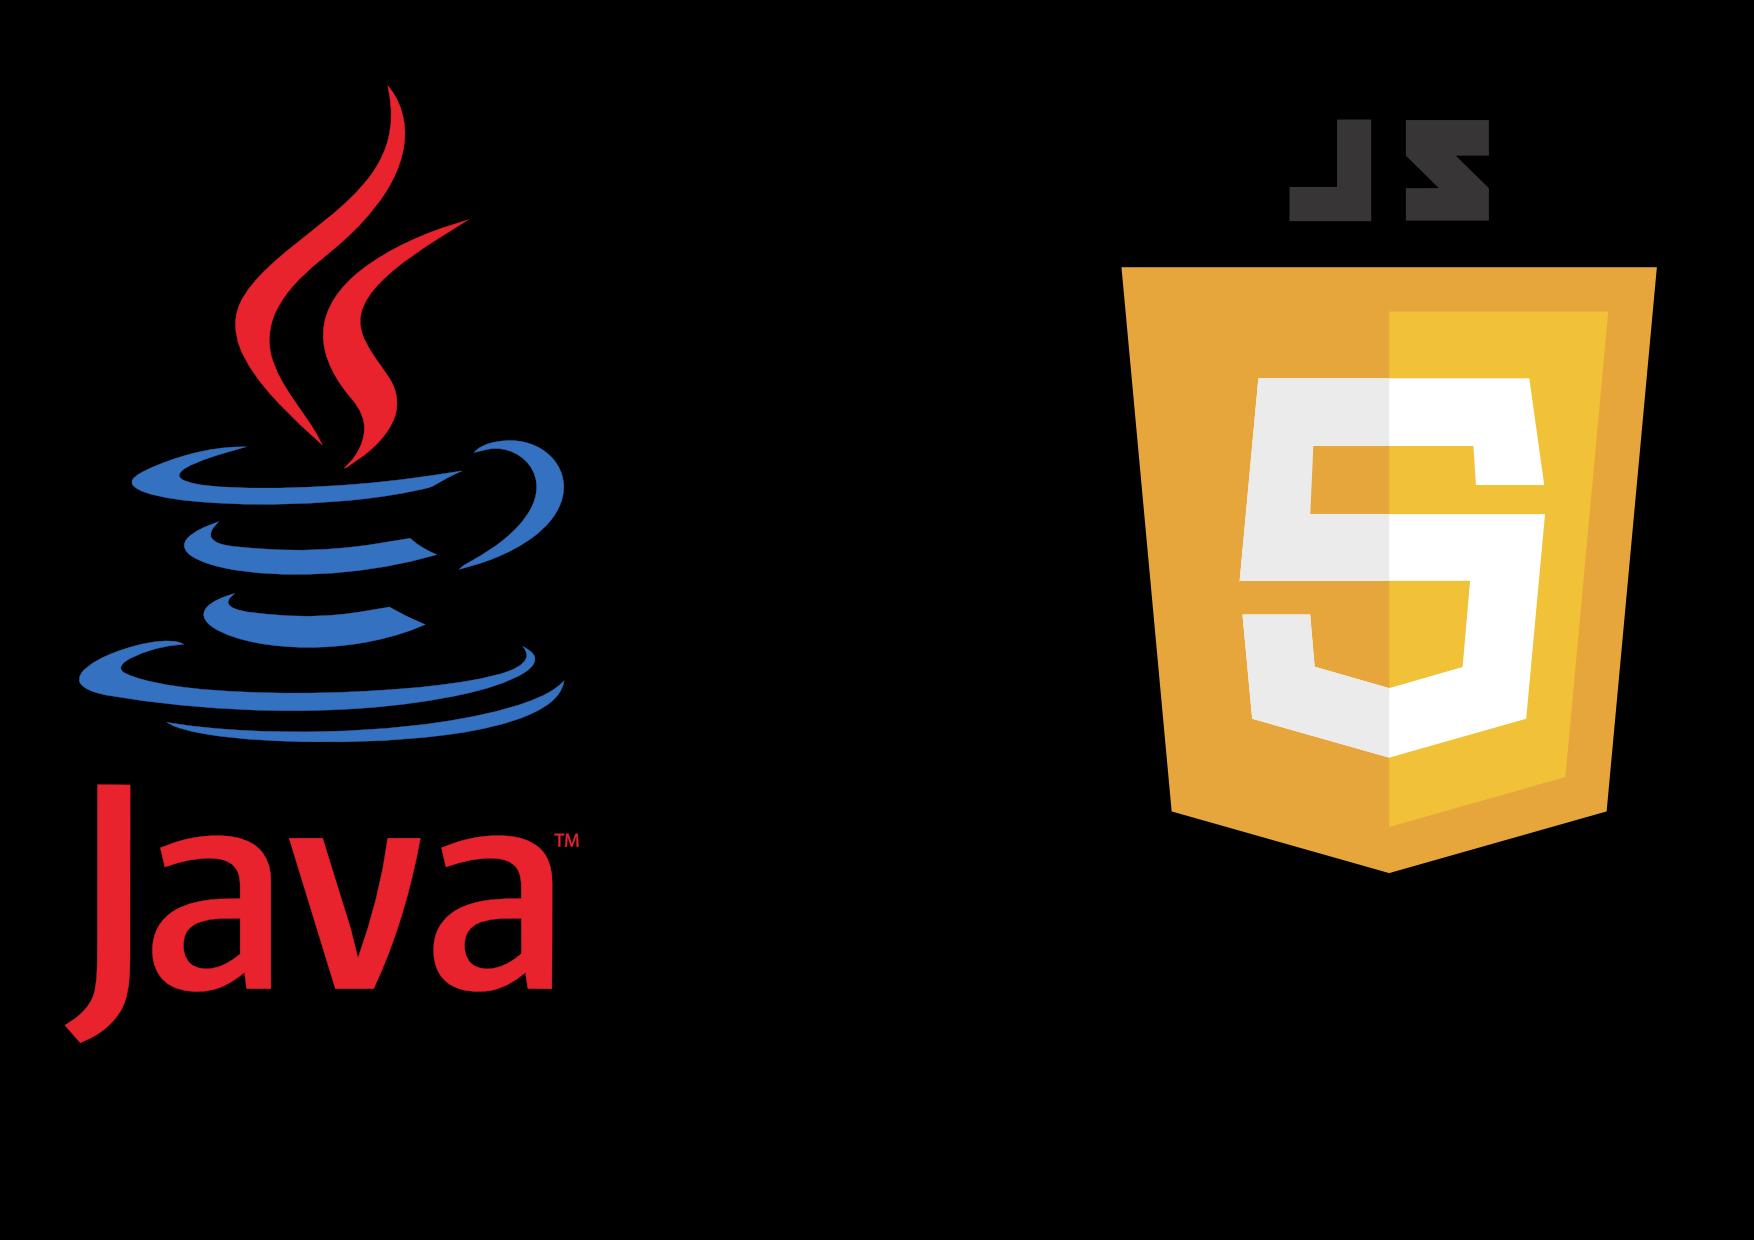 ¿Cuál es la diferencia entre Java y Javascript?